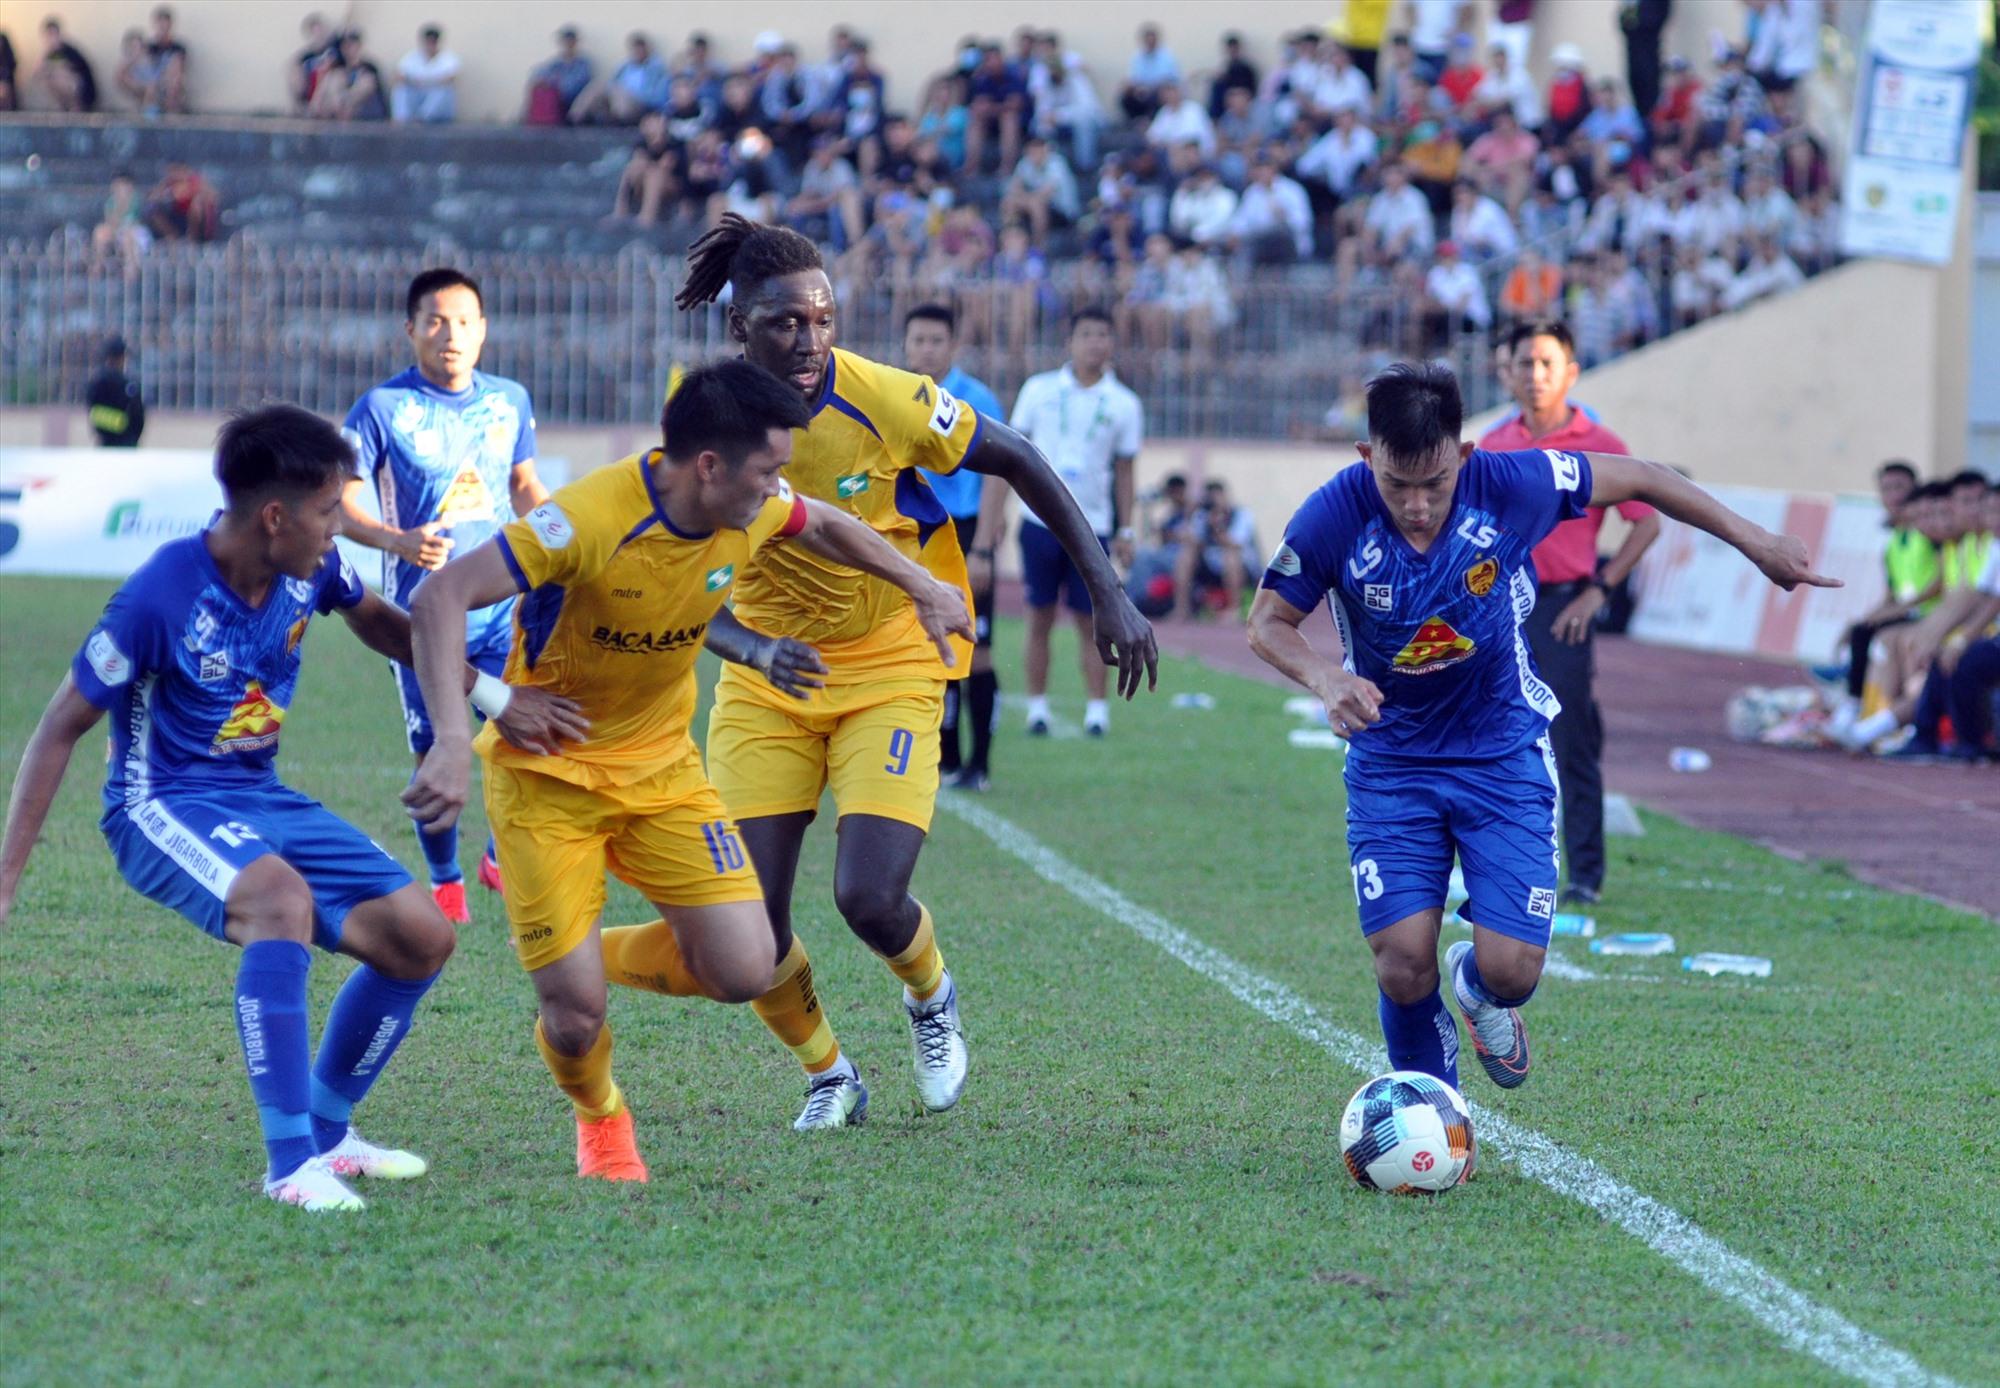 """Hồng Sơn (bên trái) cùng đồng đội phải nỗ lực hết sức để """"giải cứu"""" mình trong các vòng đấu sắp tới.Ảnh: T.V"""